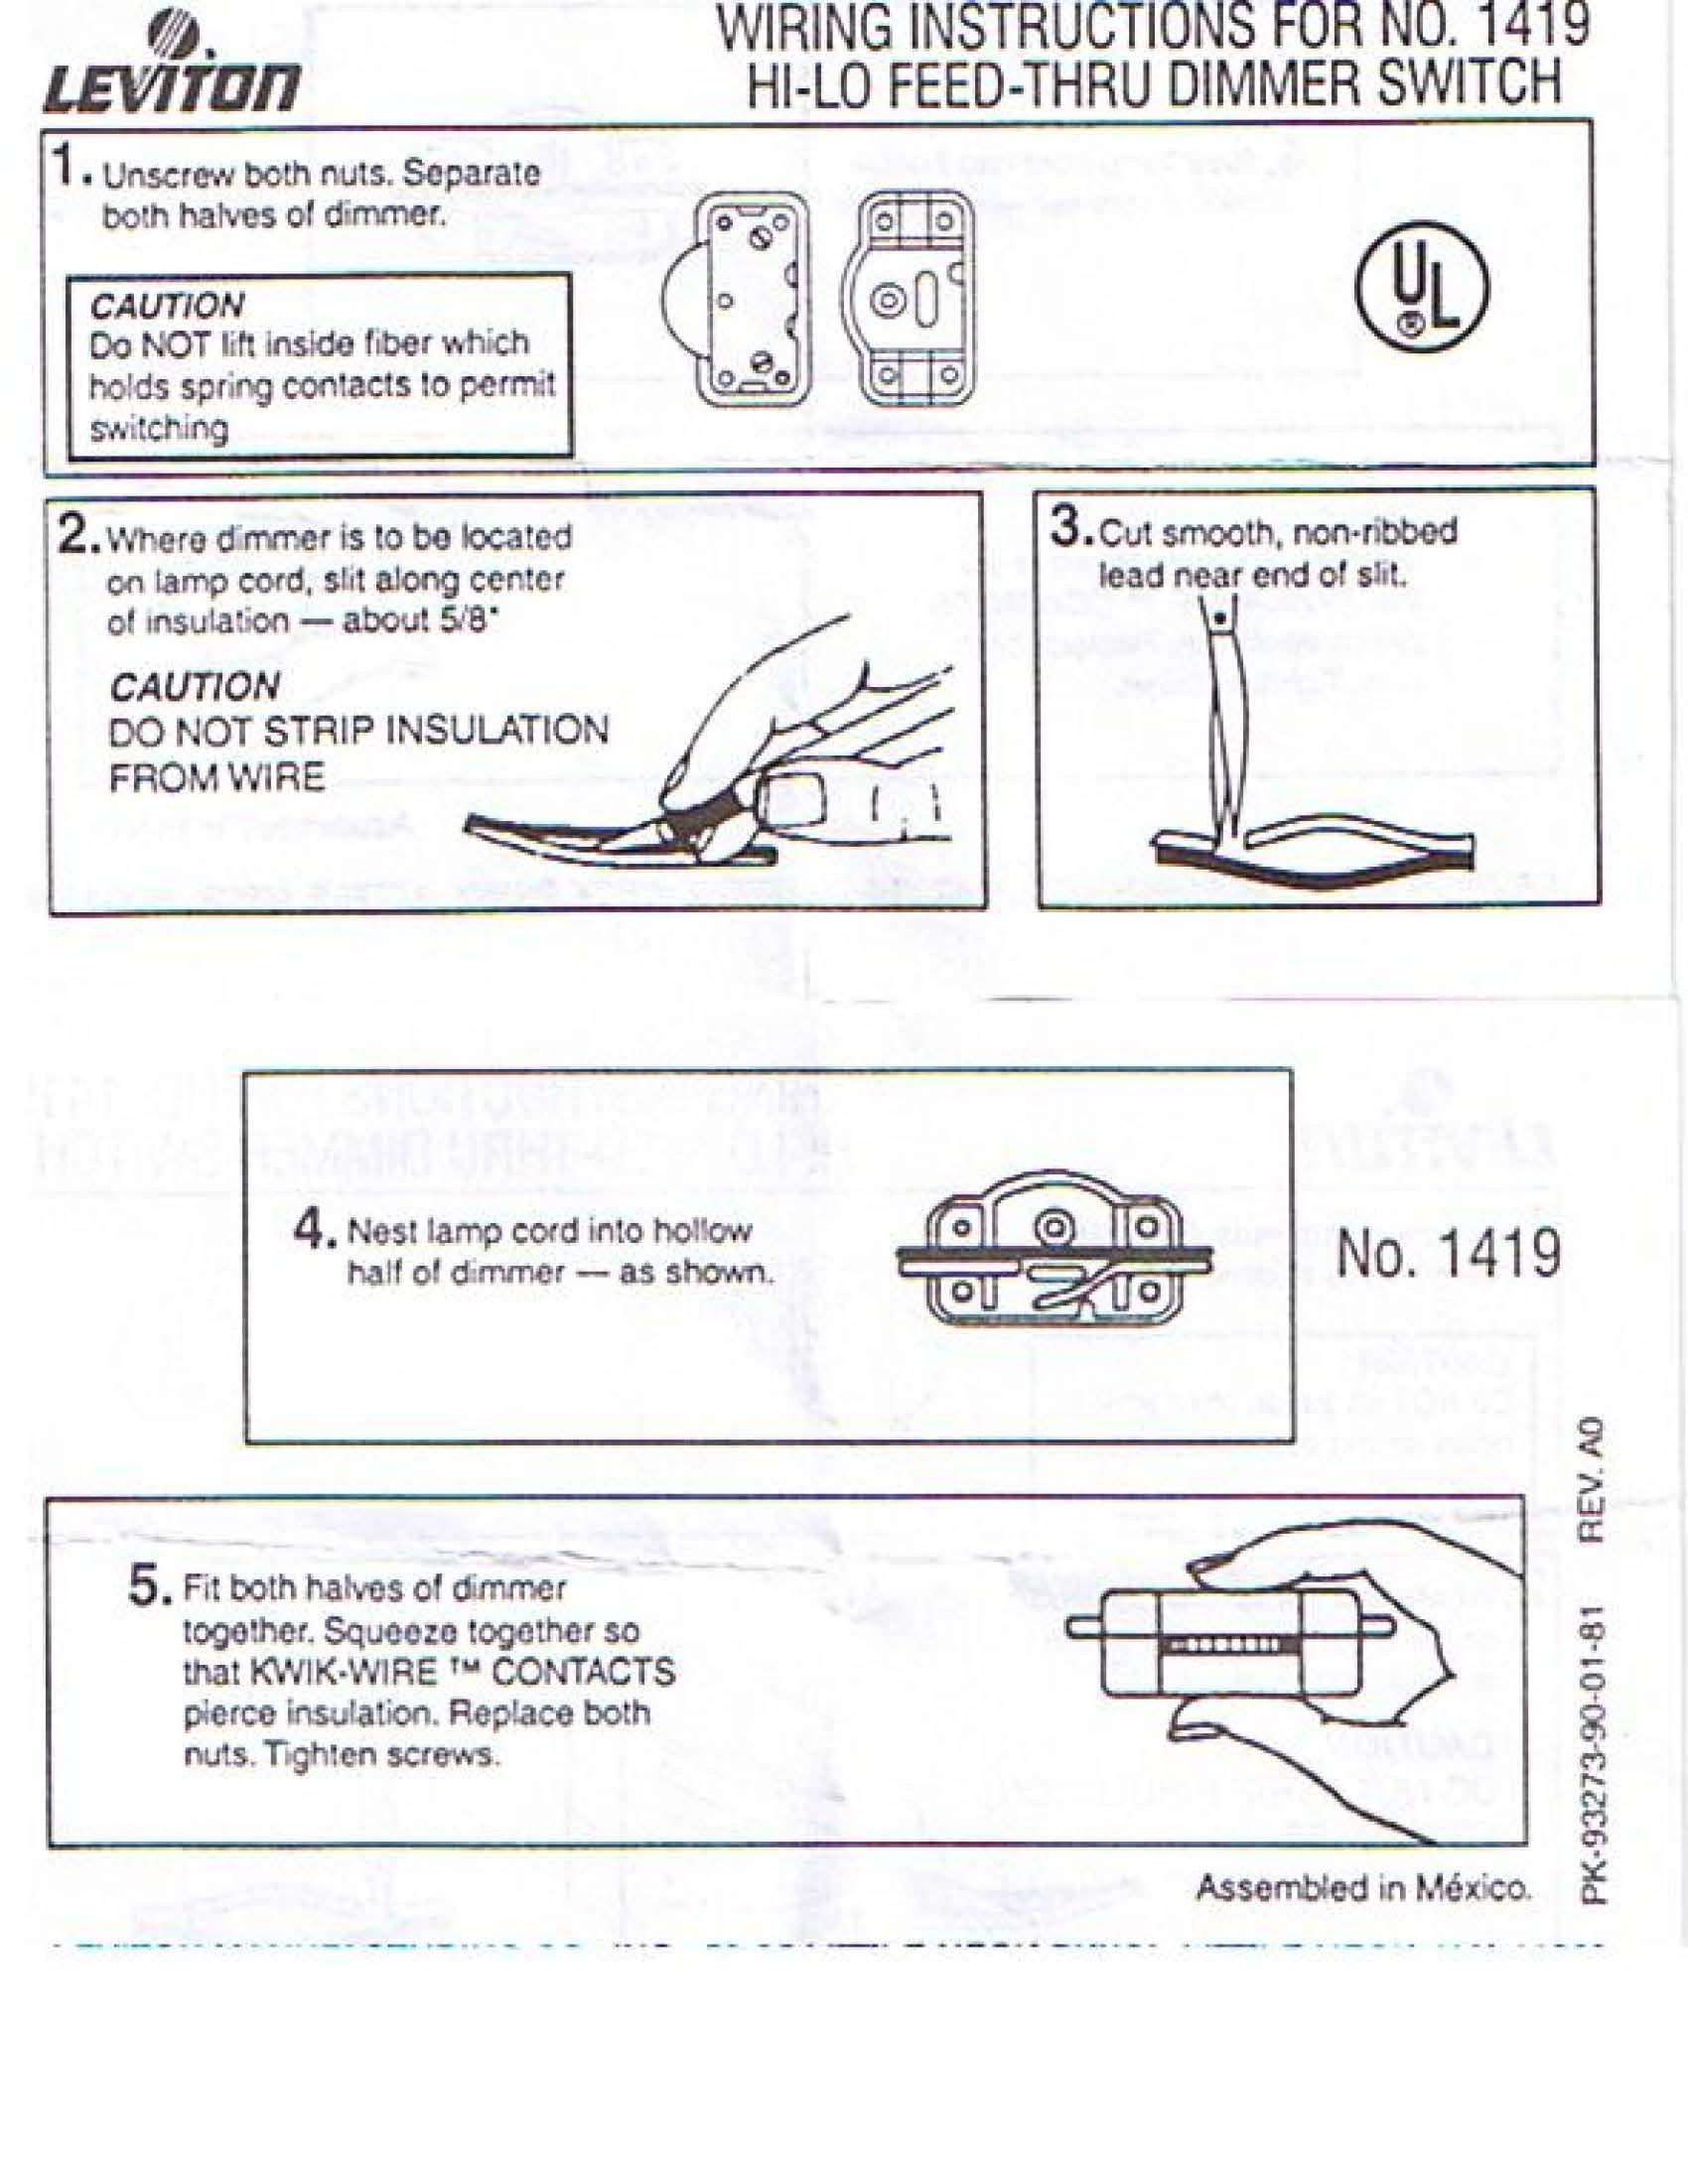 leviton dimmer switch wiring diagram facbooik com Leviton Dimmer Wiring Diagram ge dimmer switch wiring diagram leviton three way dimmer switch leviton dimmer wiring diagram